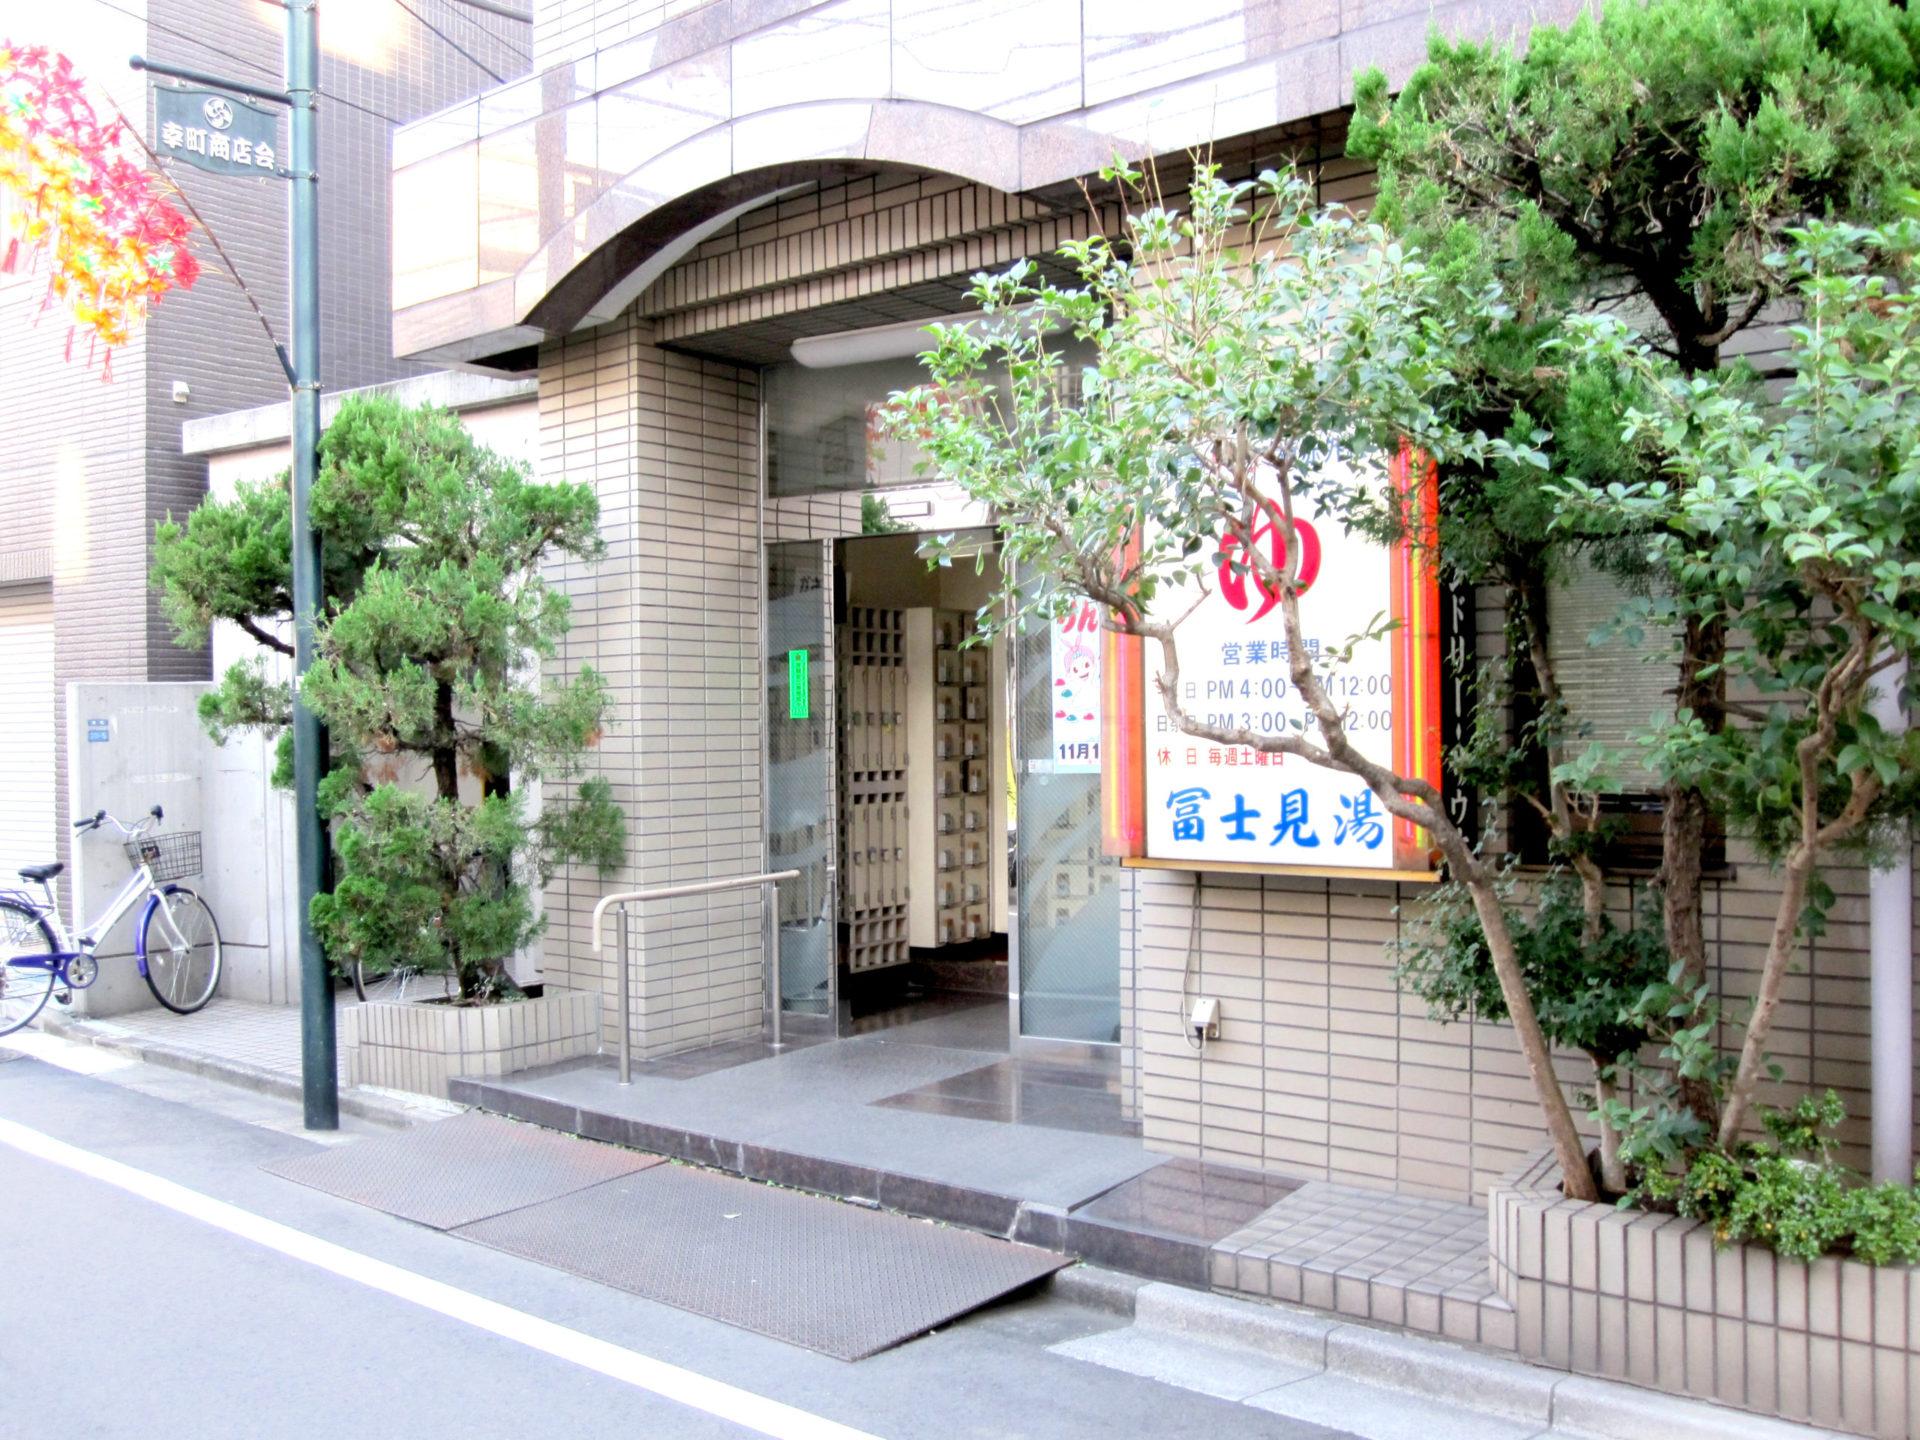 第二富士見湯写真6